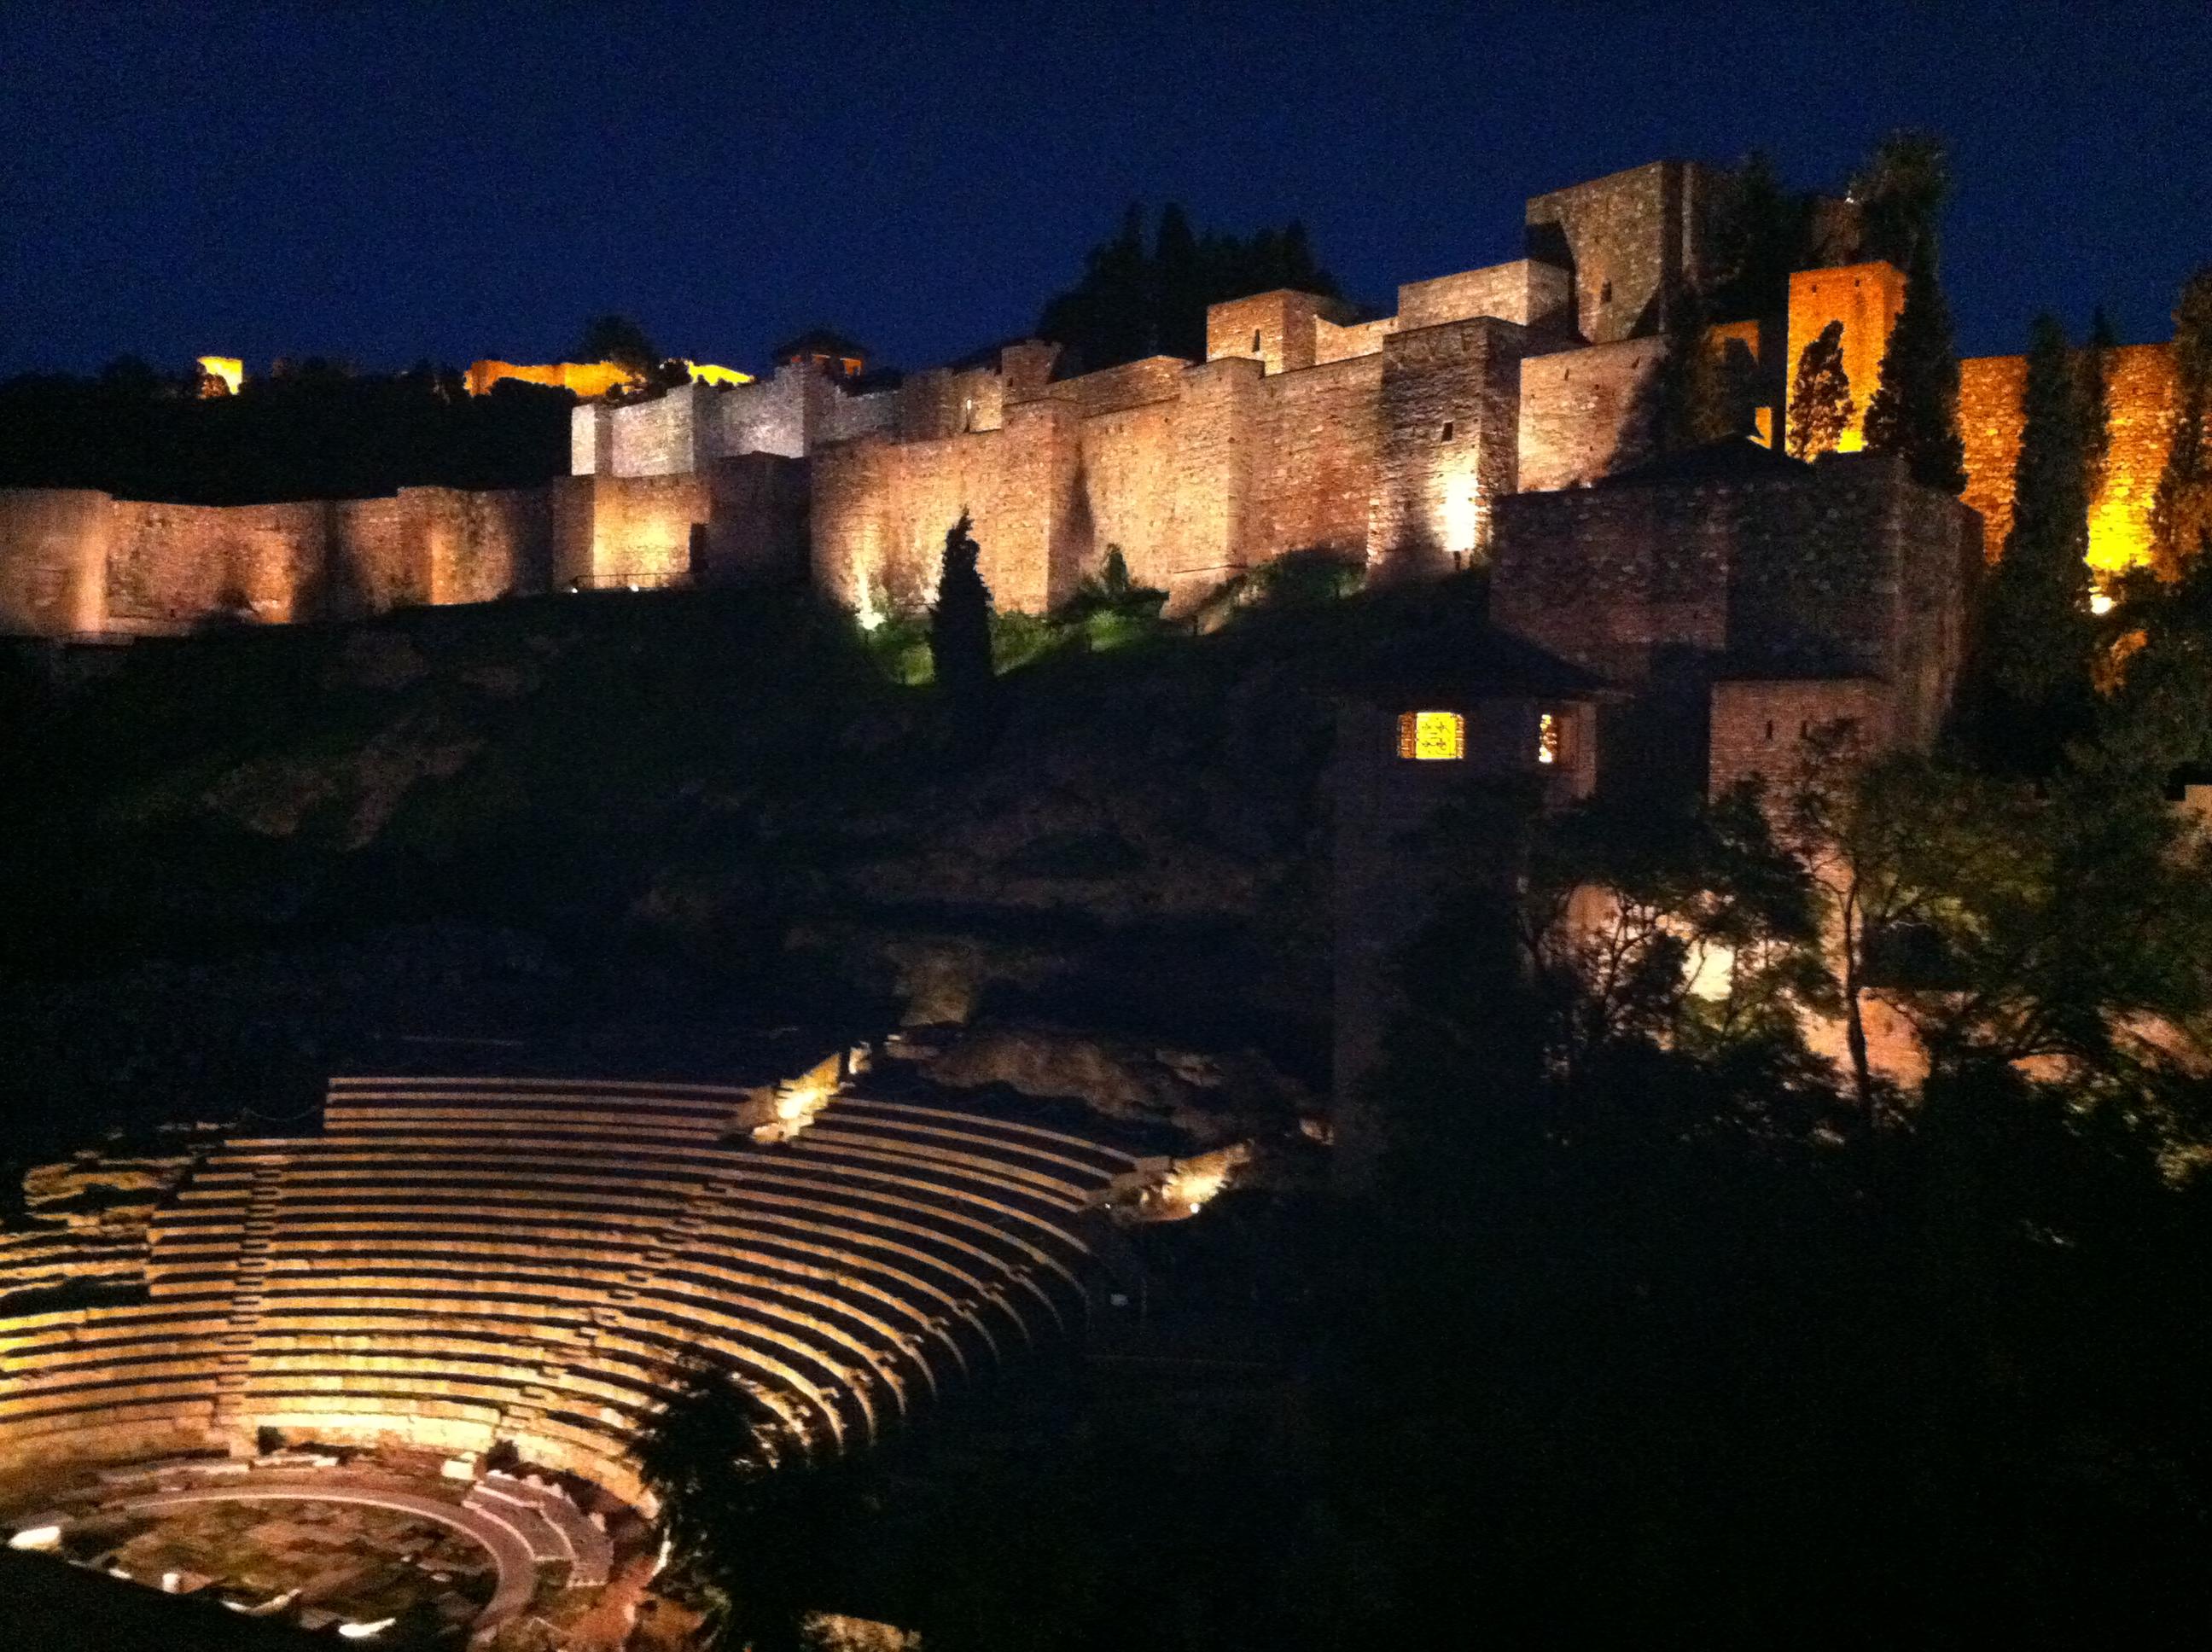 teatro romano de noche